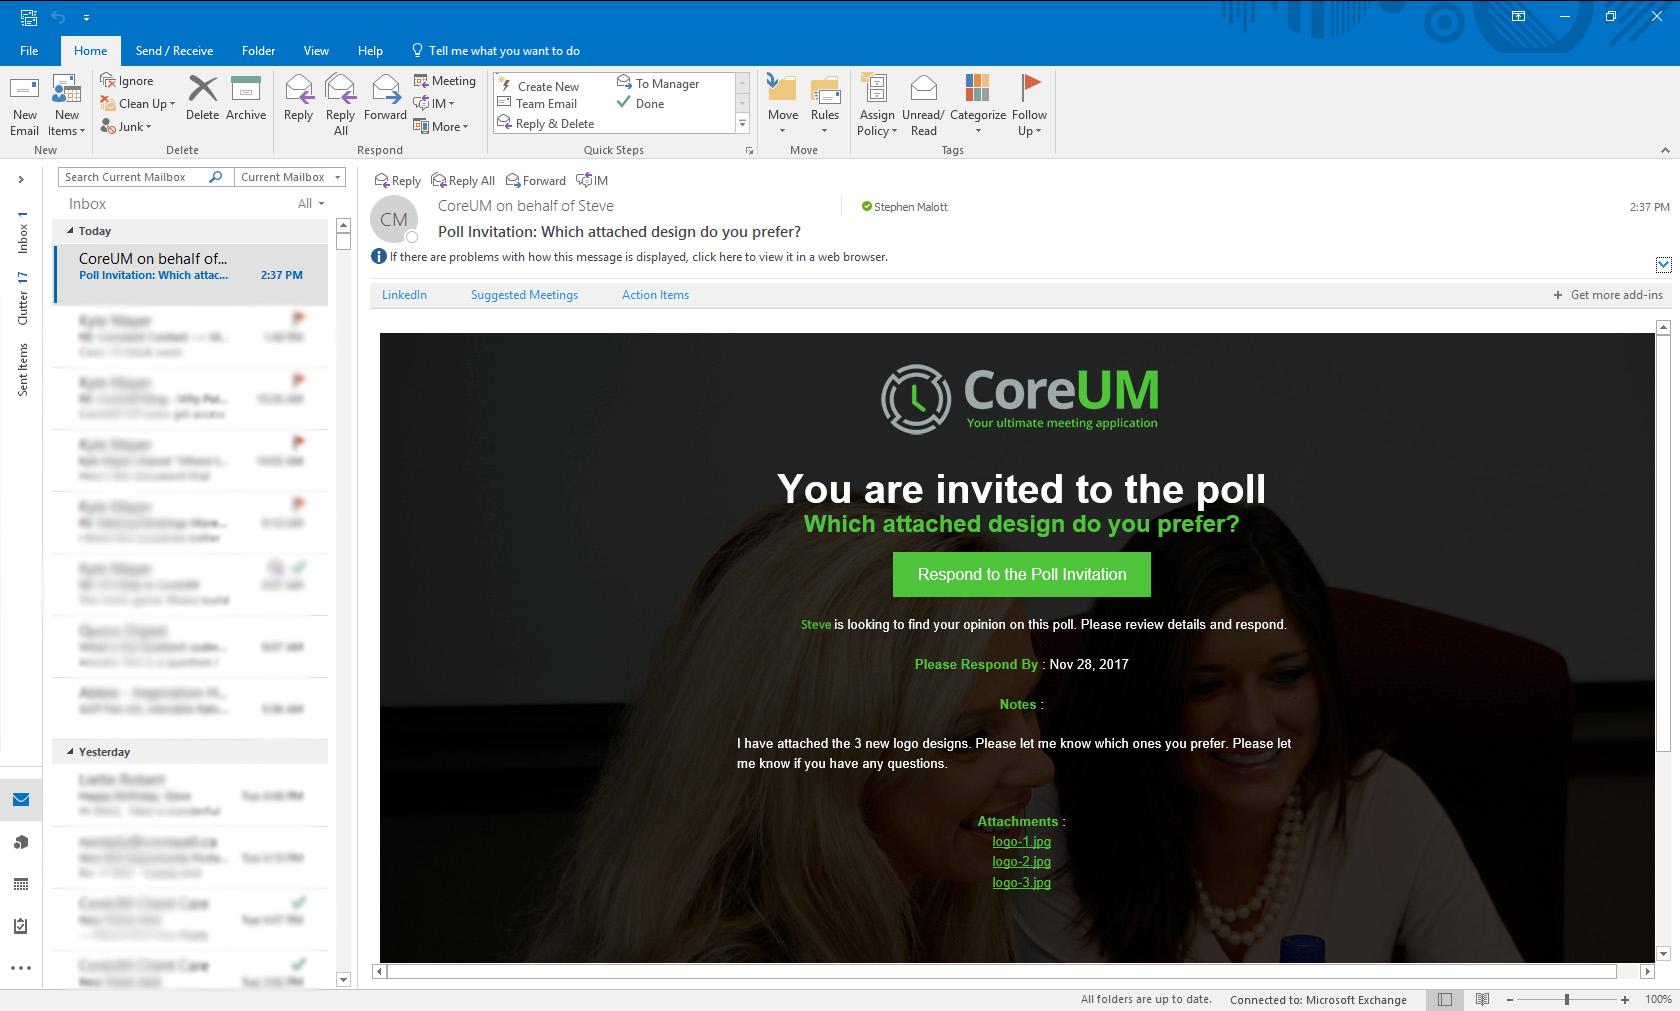 CoreUM Demo - CoreUM Custom Email